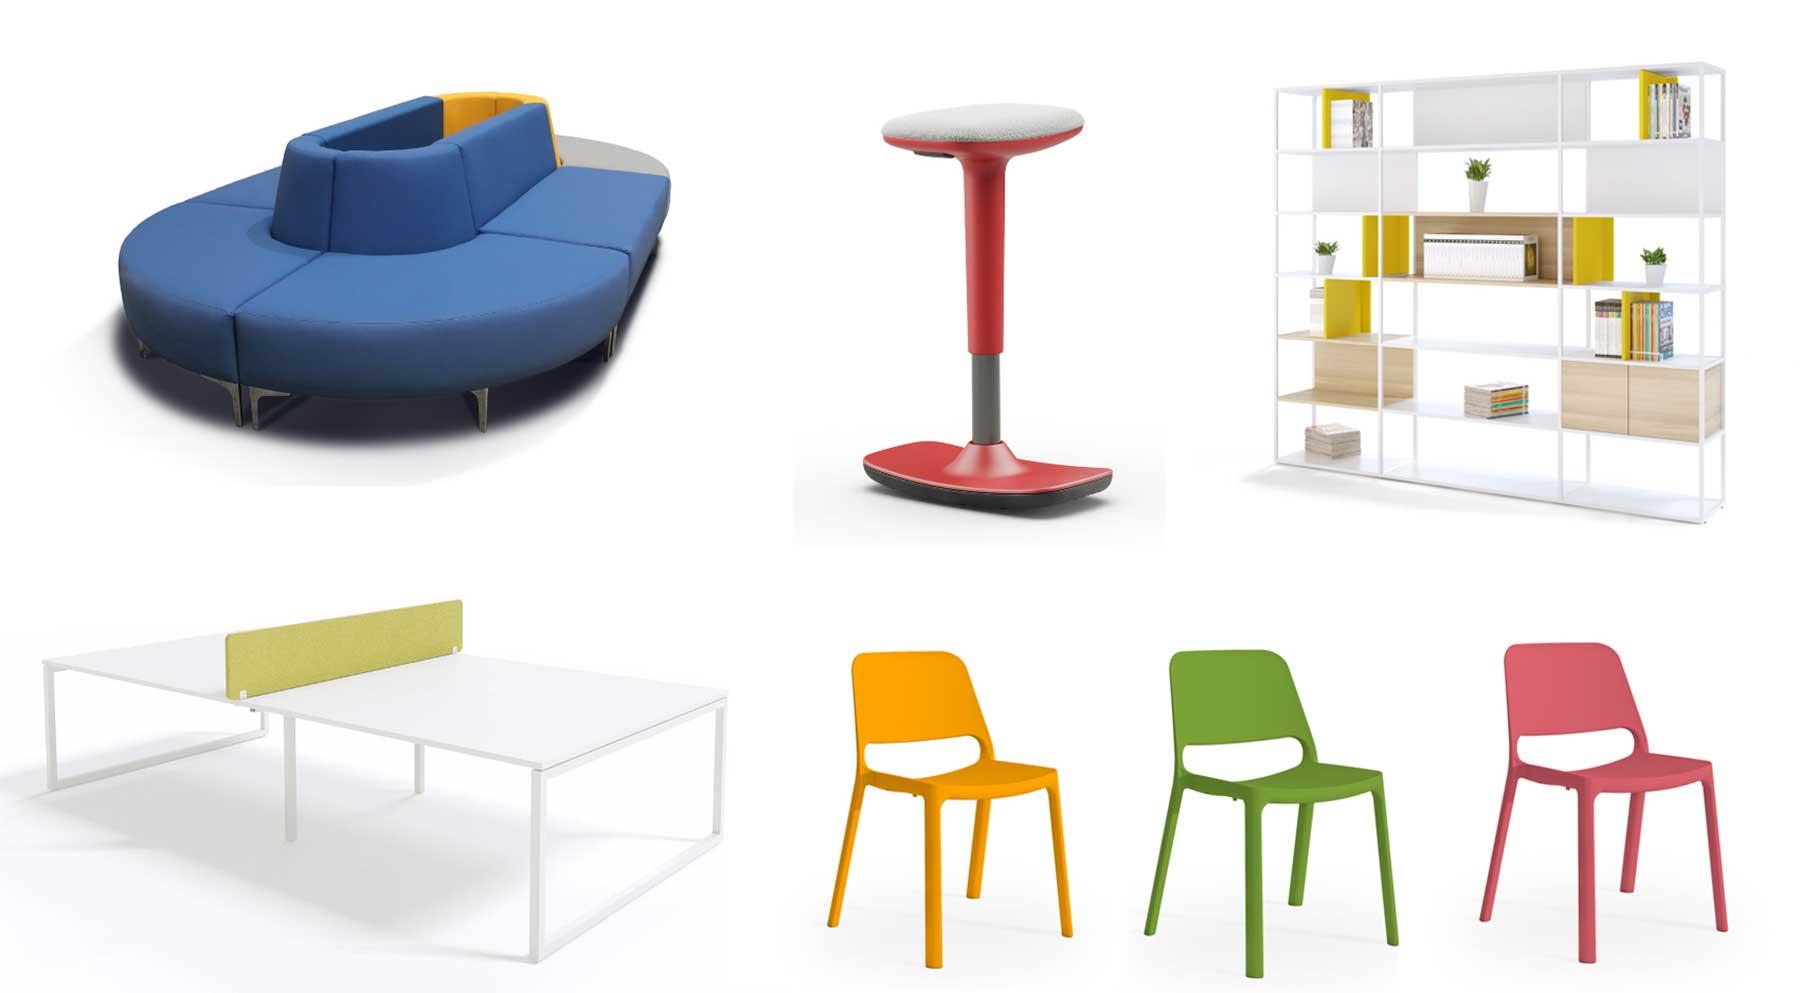 Muebles de oficina de colores vivos de Limobel Inwo